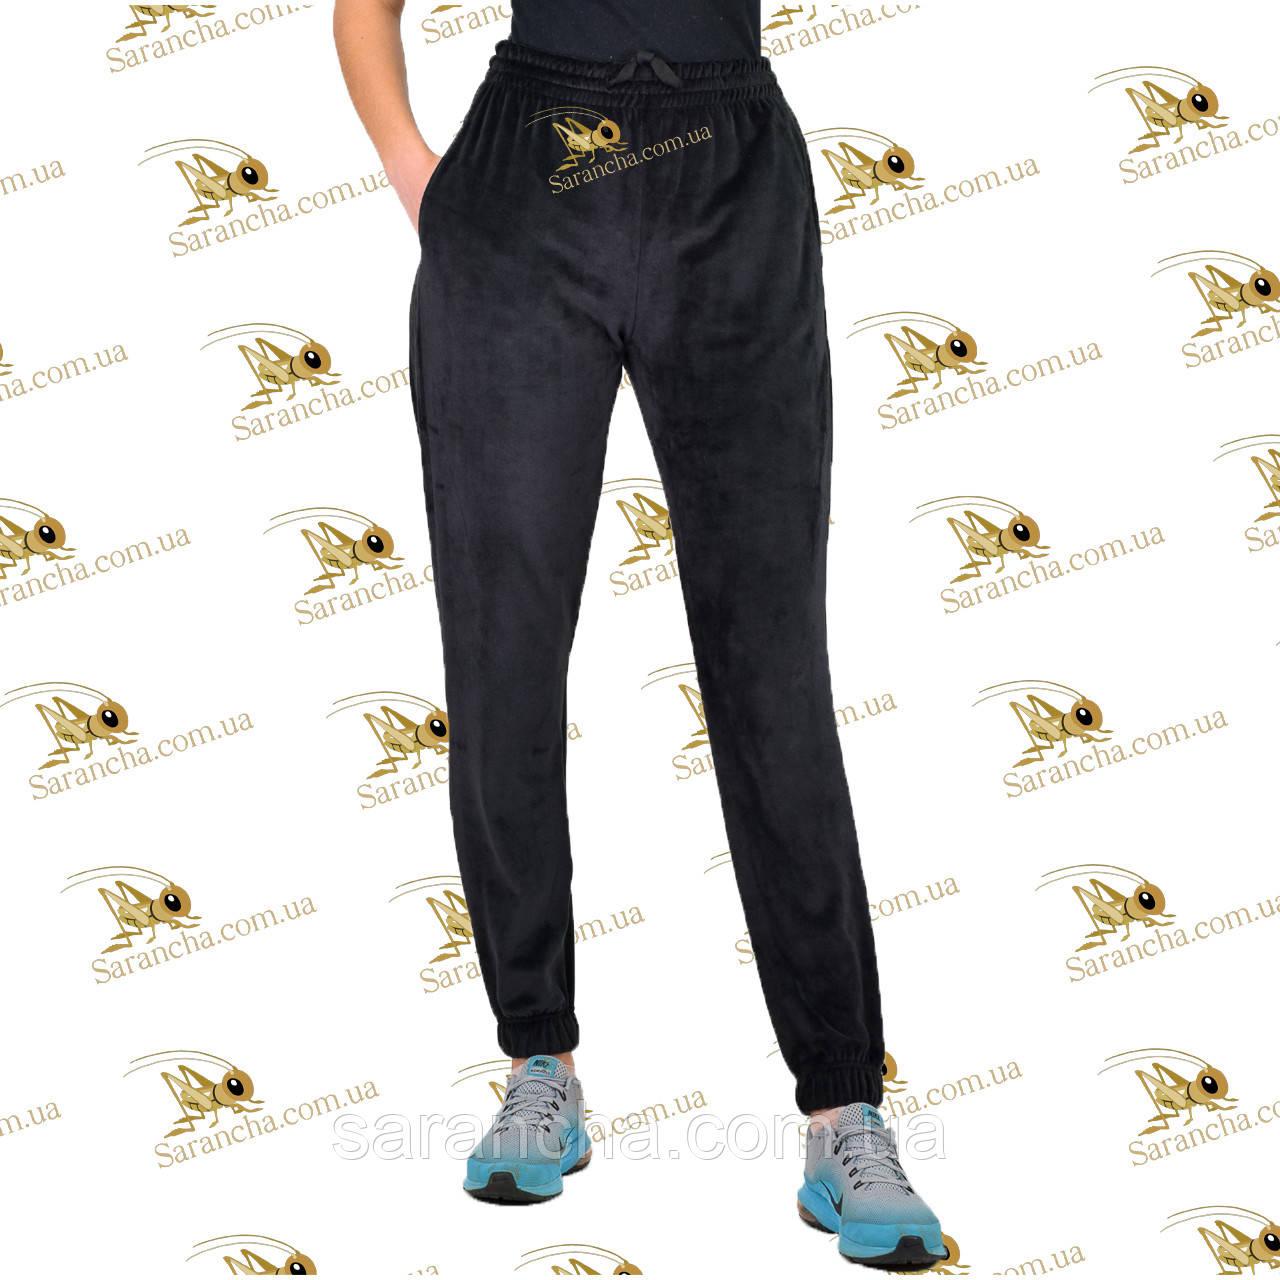 Велюрові черного кольору на меху штанишки на манжеті розмір